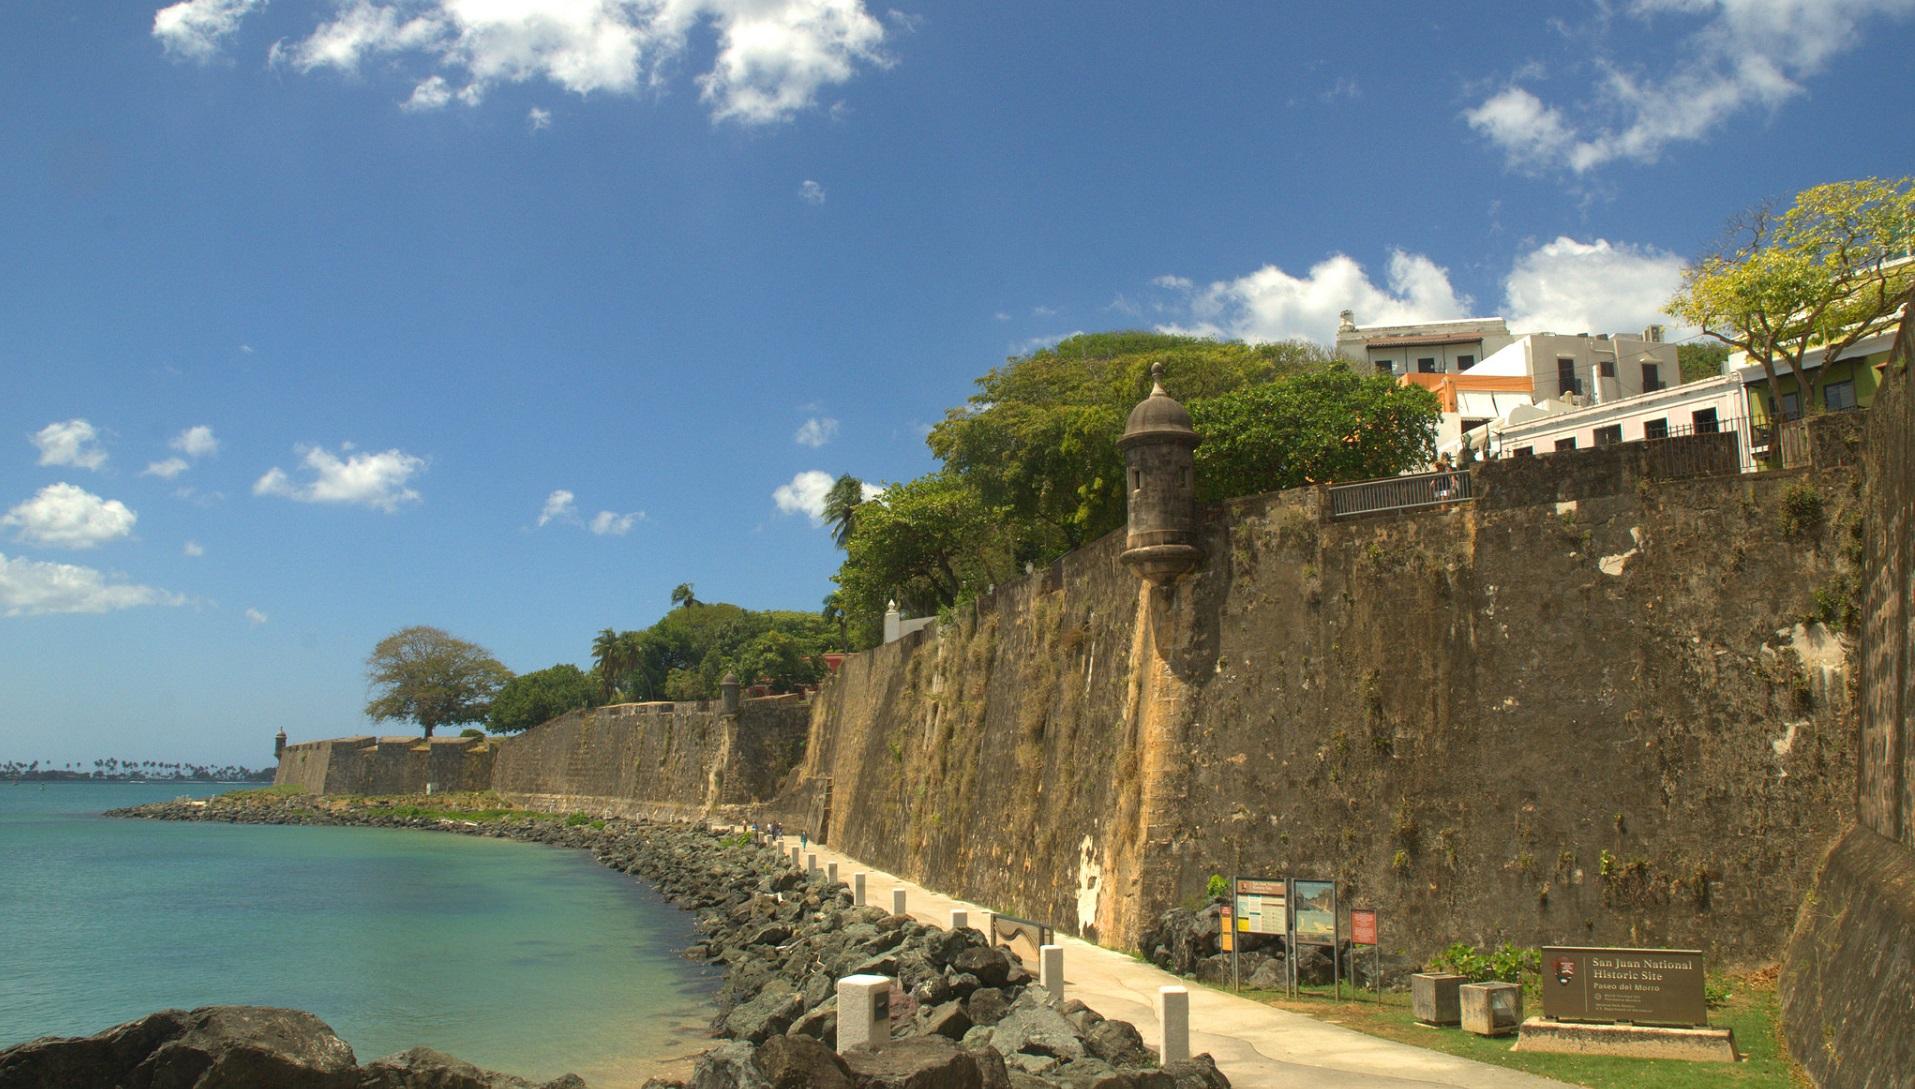 Puerto Rico se plantea funcionar solo con energía renovable tras el huracán